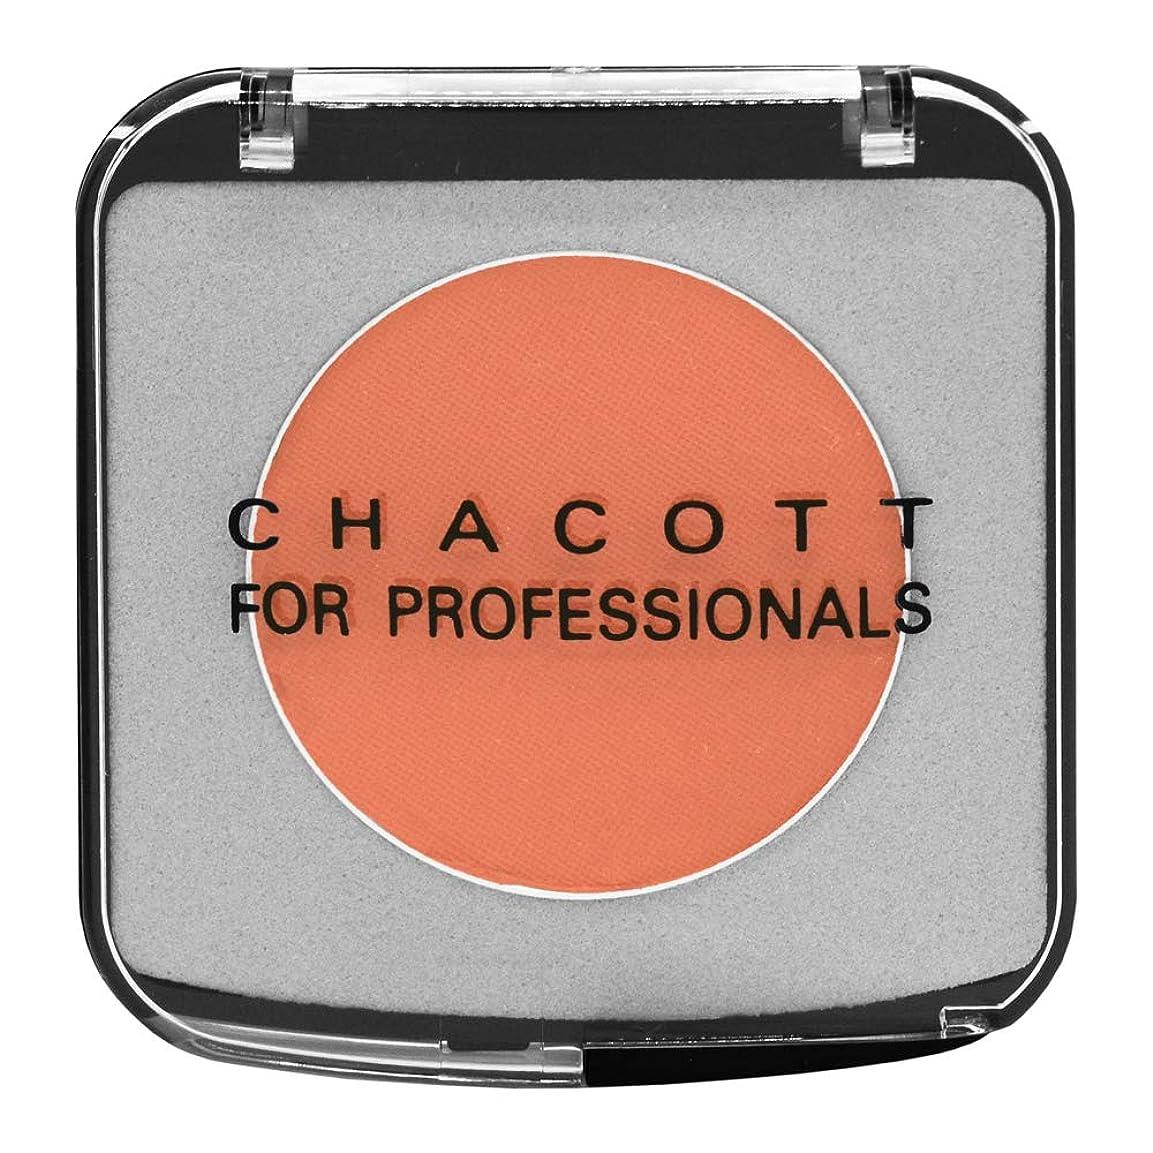 マネージャー霧深い価値のないCHACOTT<チャコット> カラーバリエーション 623.パンプキン